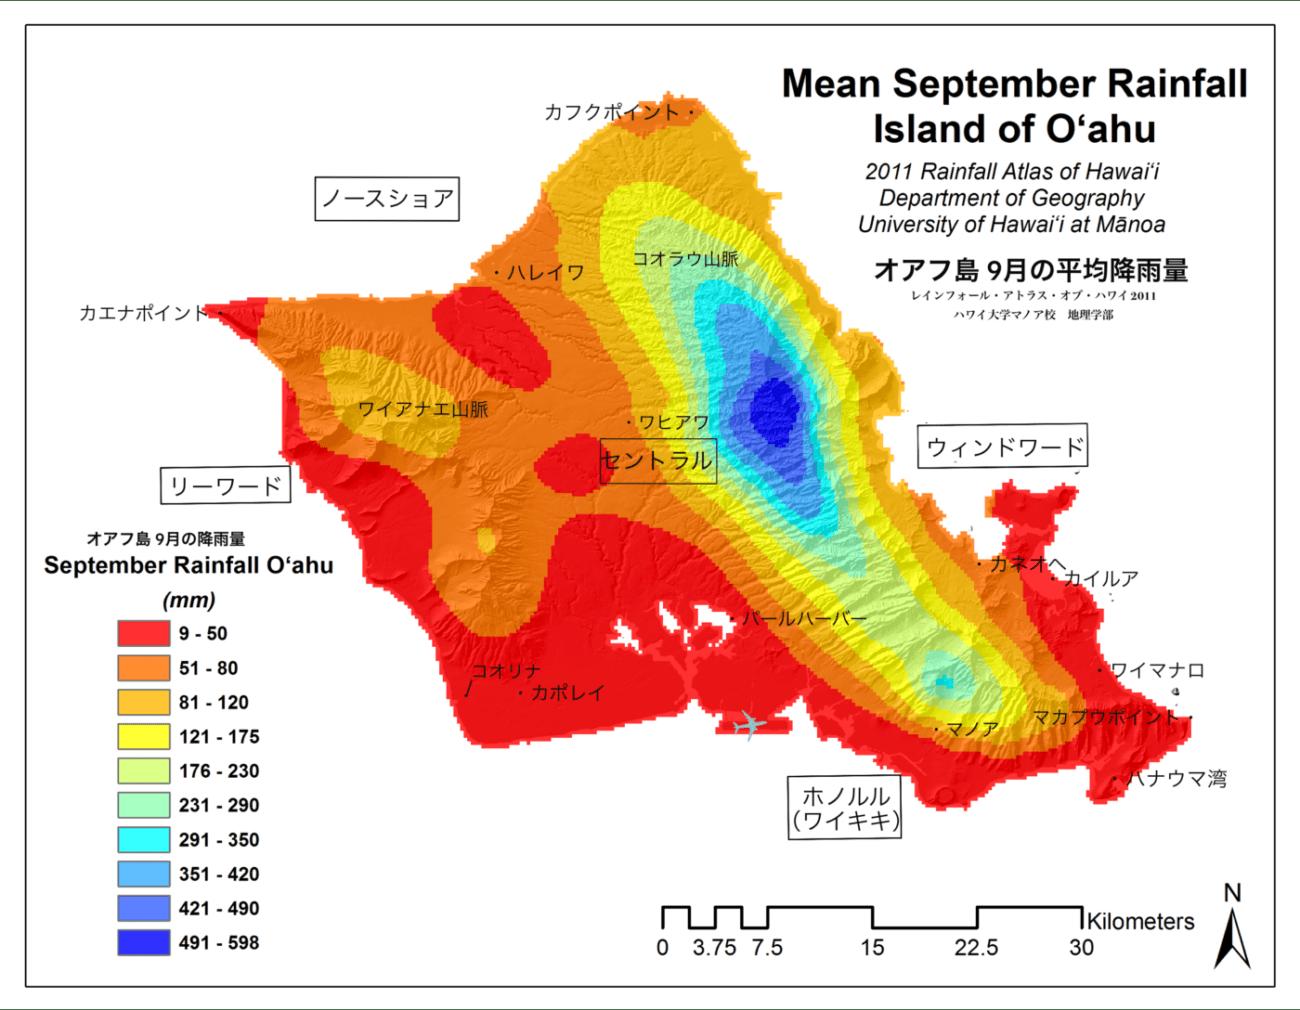 オアフ島 9月の平均降雨量